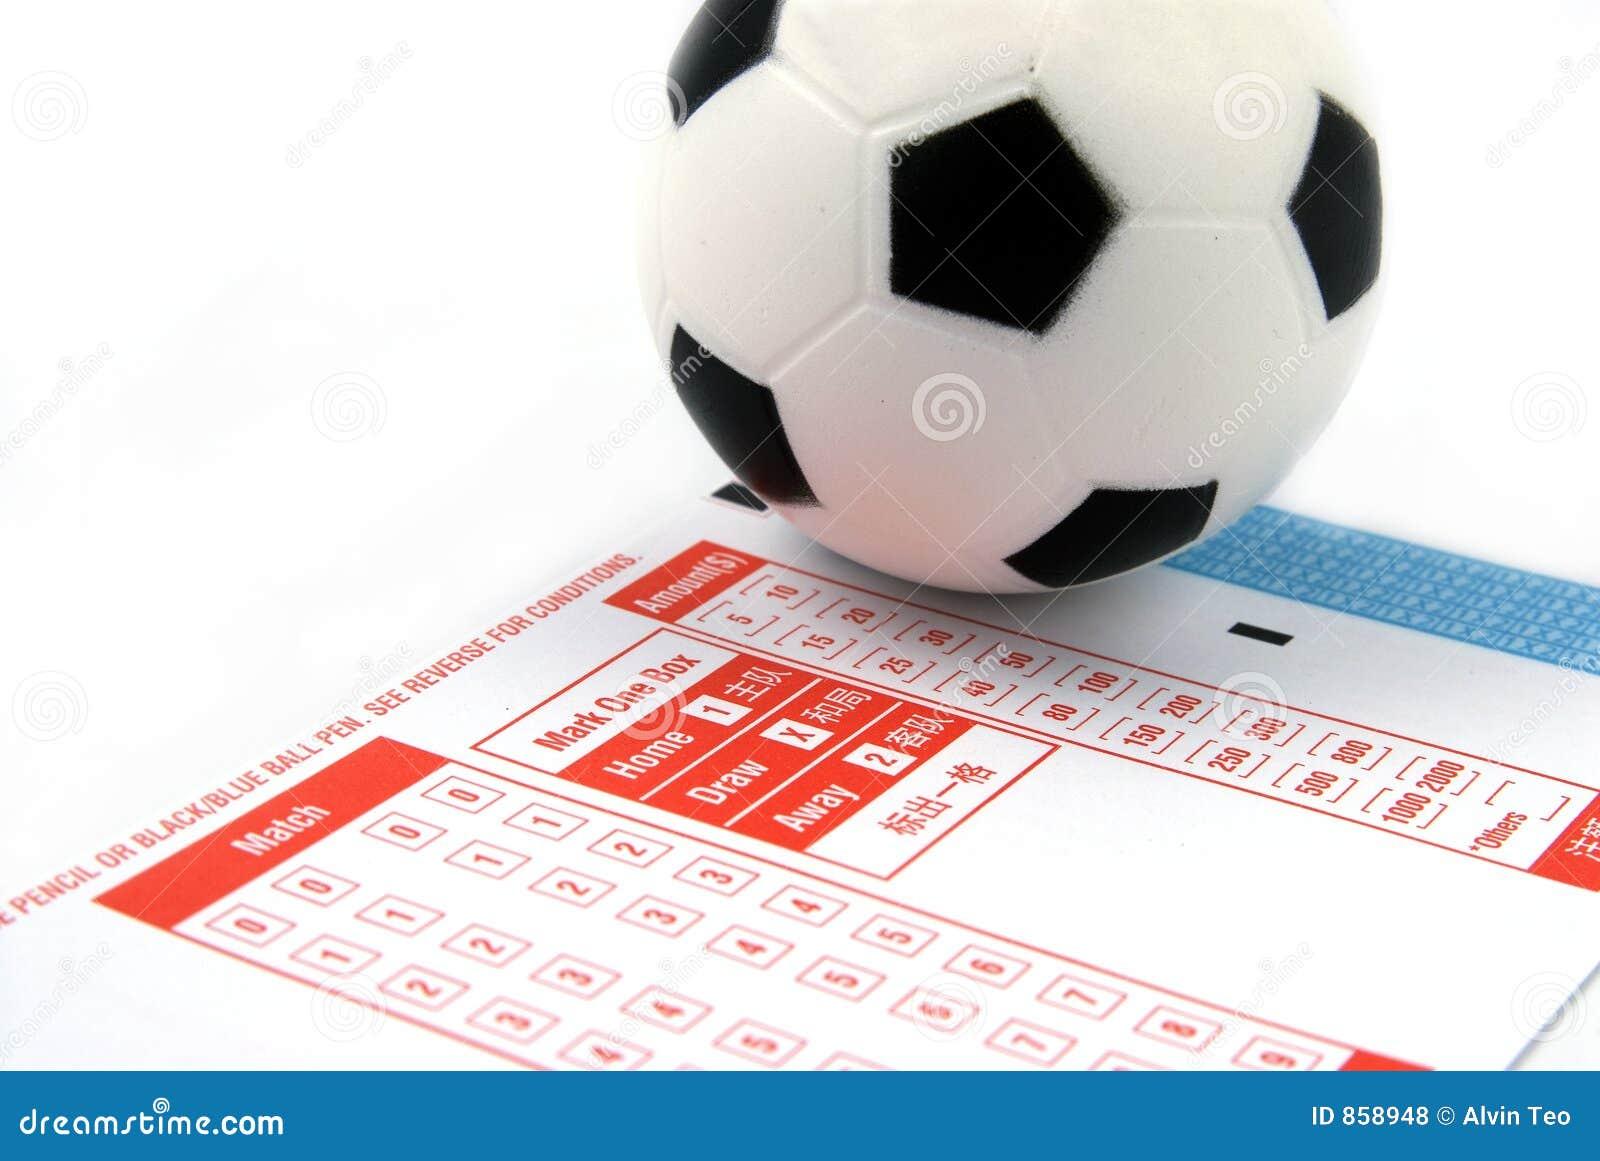 ποδόσφαιρο στοιχημάτιση&sig